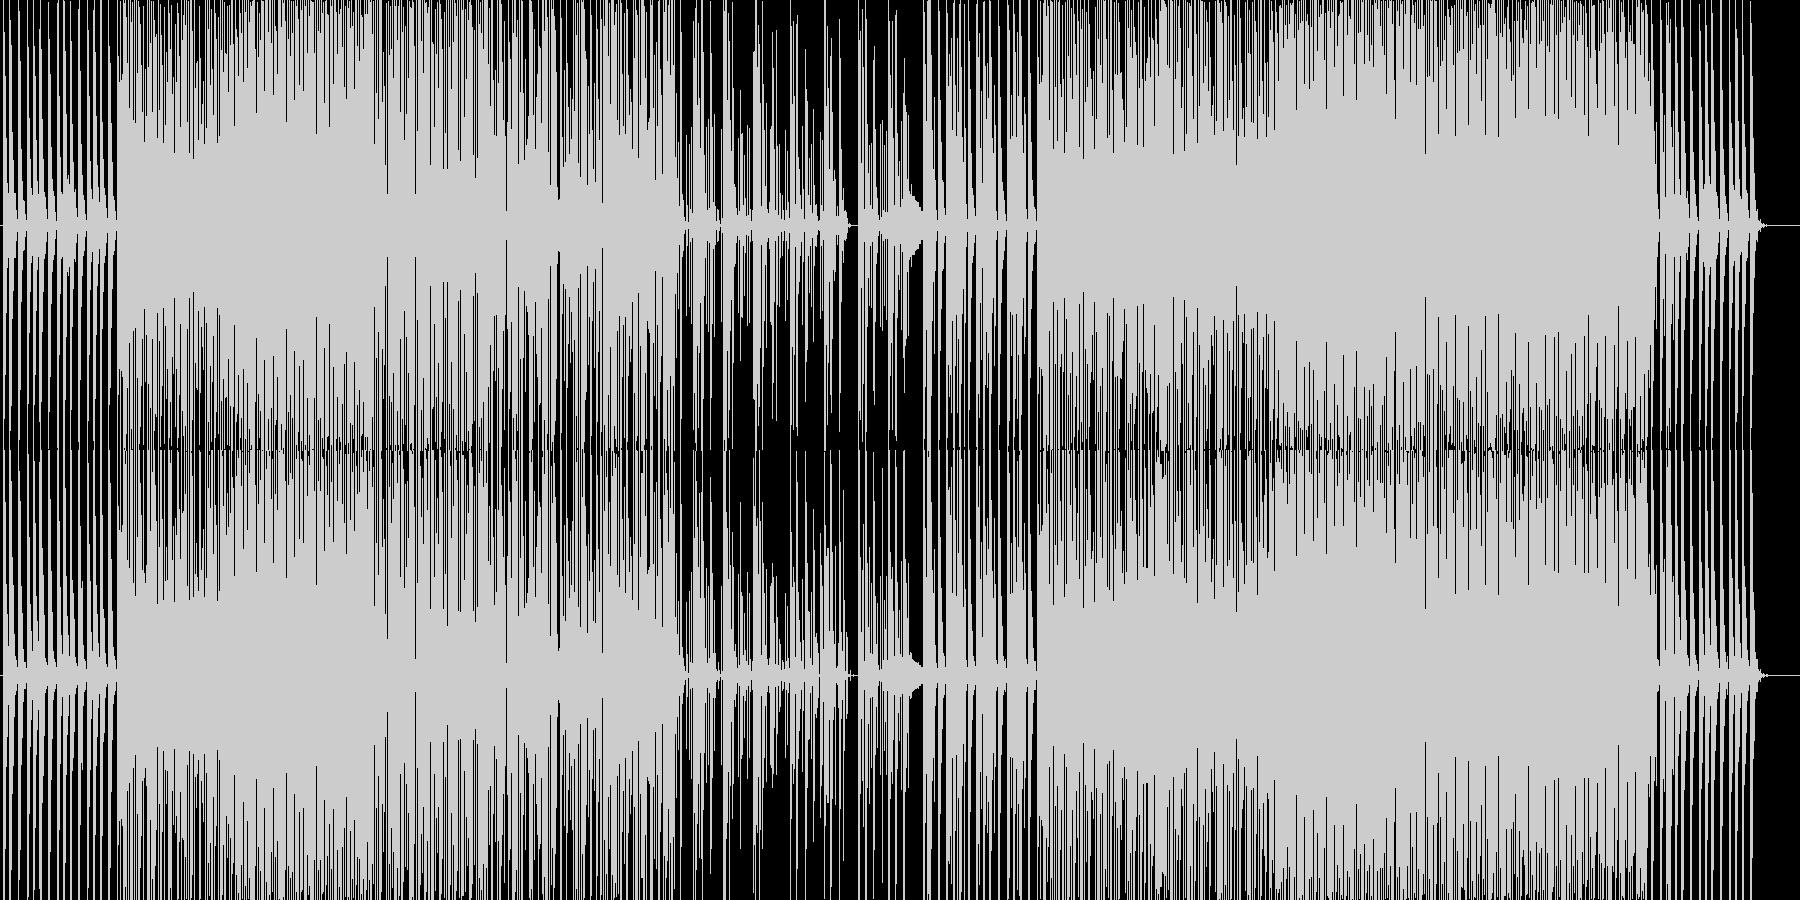 ★星や雪が舞う7拍子エレクトロニカの未再生の波形